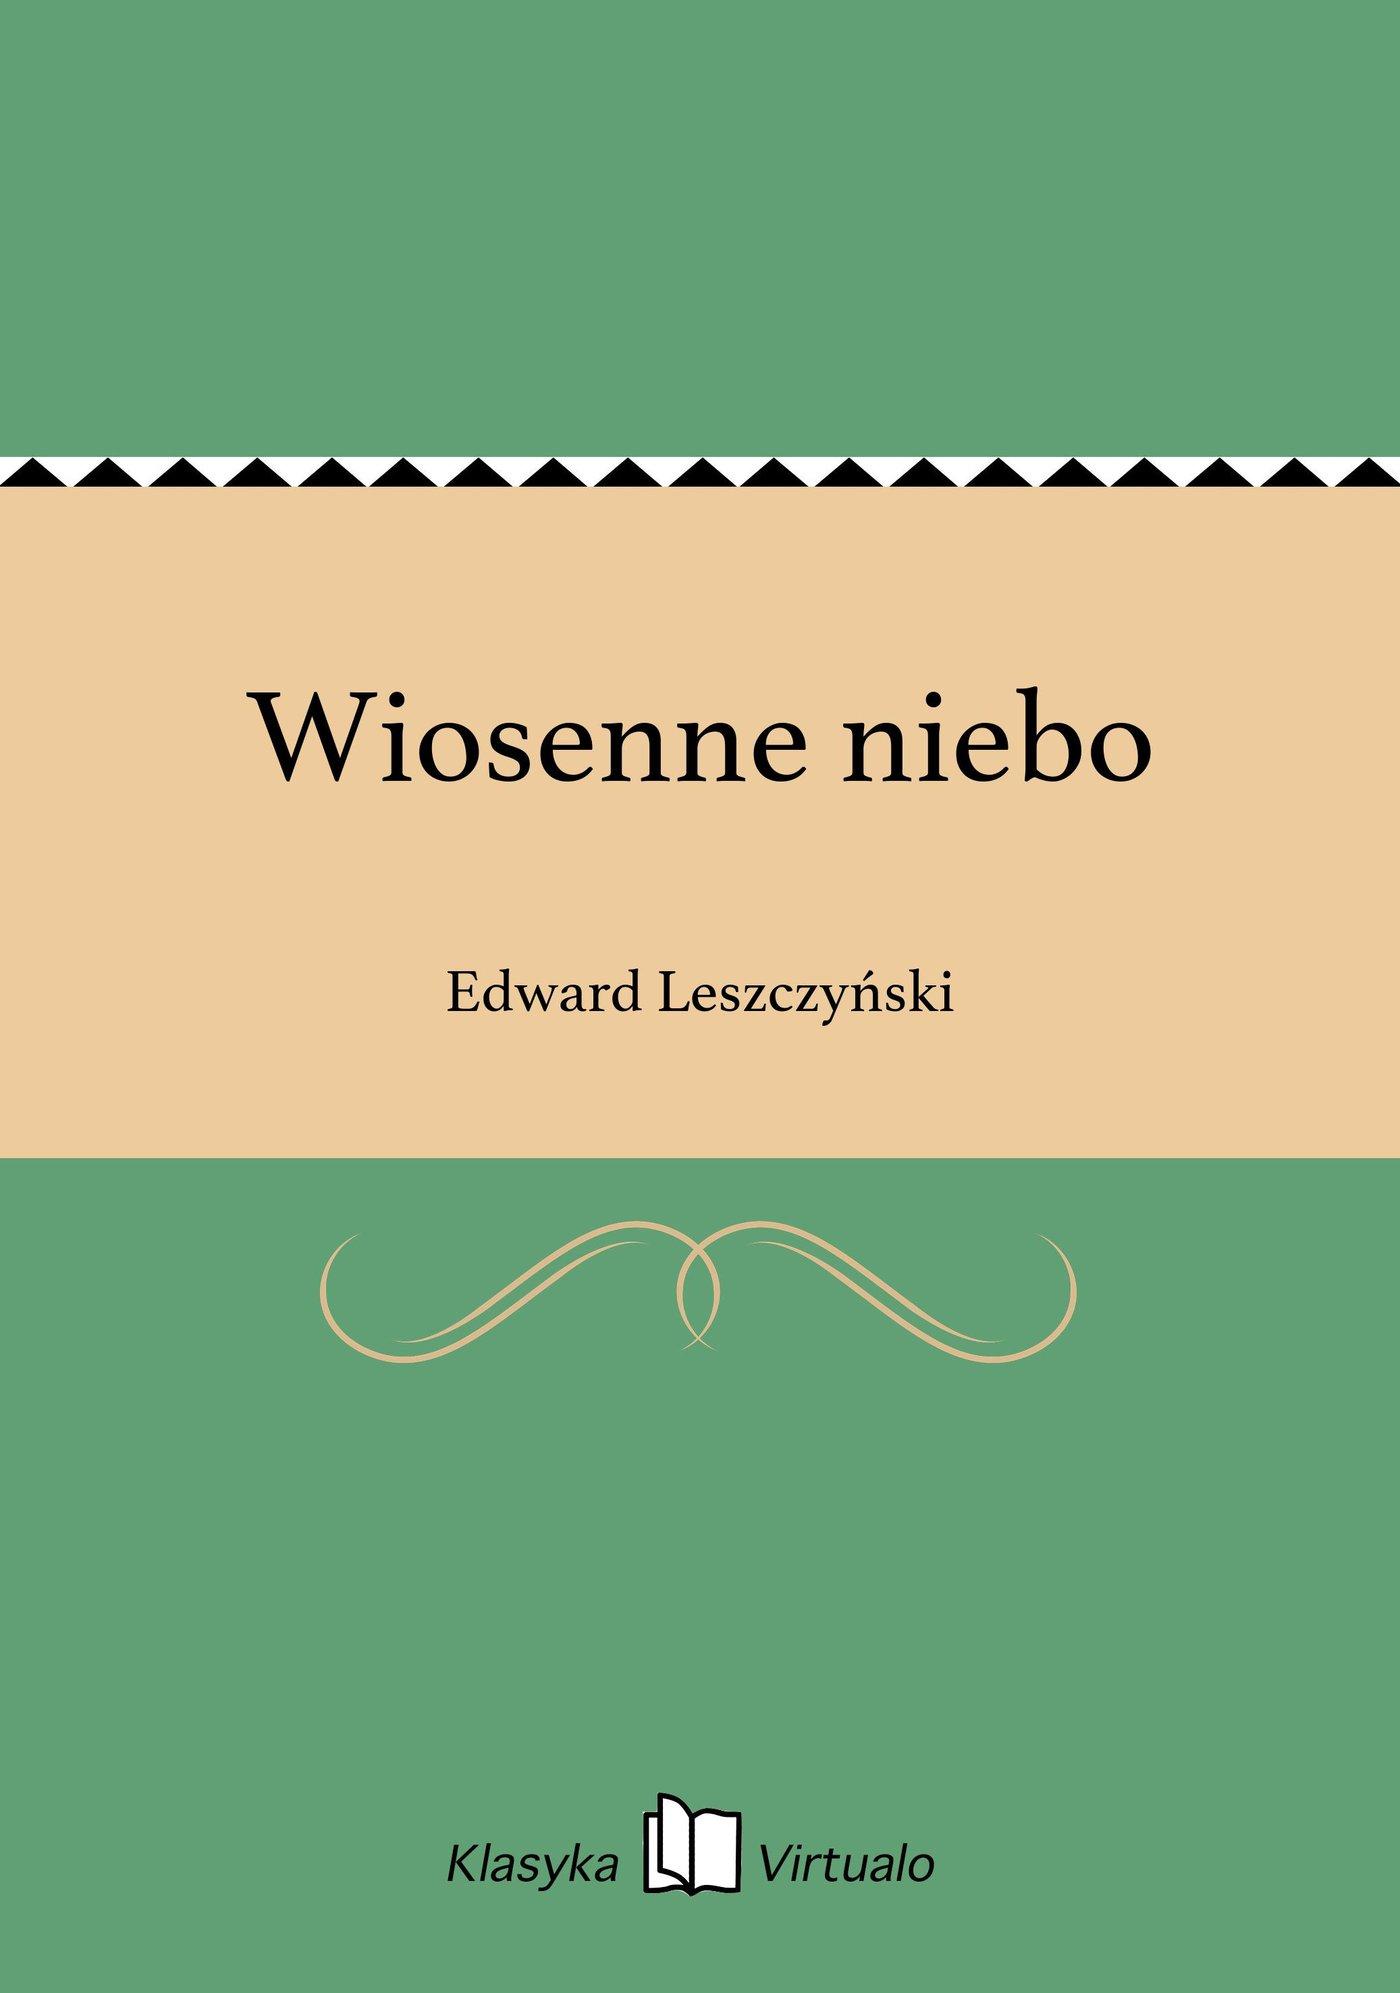 Wiosenne niebo - Ebook (Książka na Kindle) do pobrania w formacie MOBI